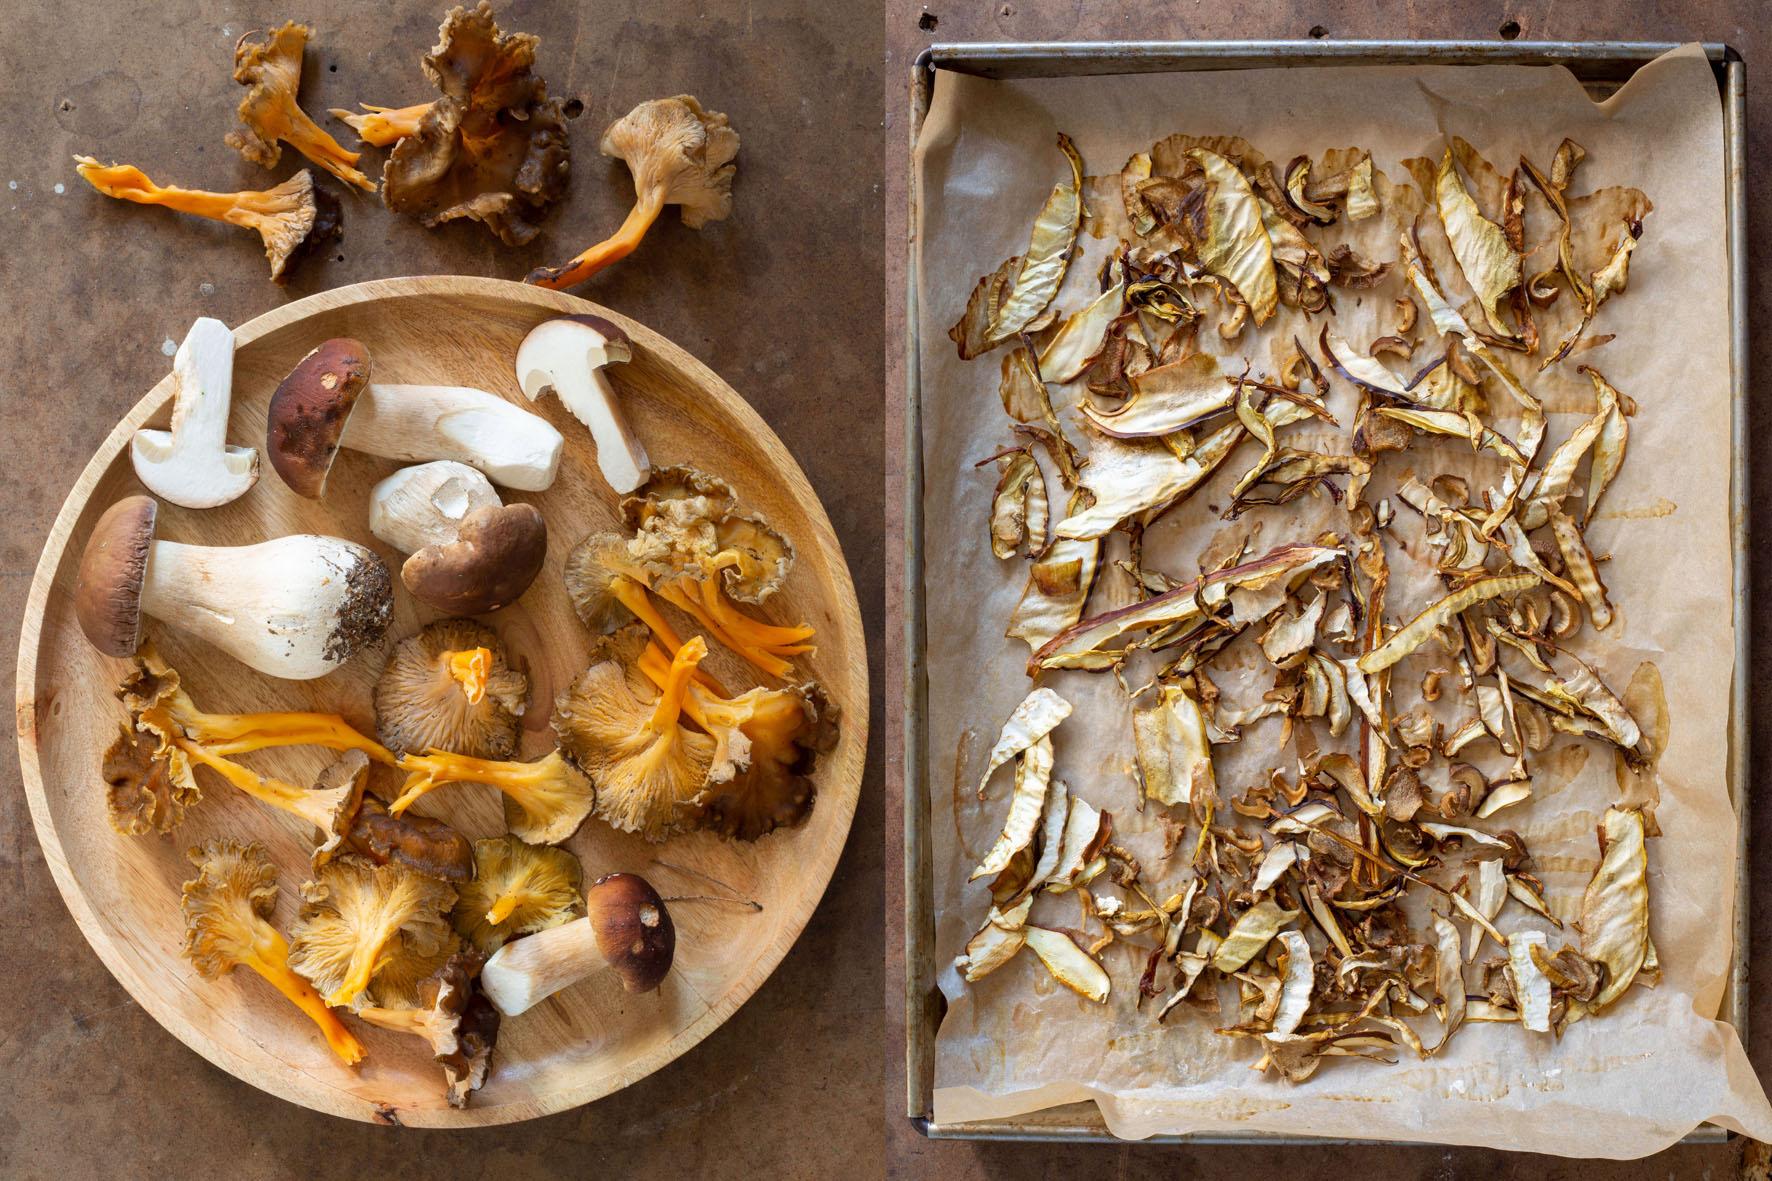 skogtillbord-svampkrydda-sept21